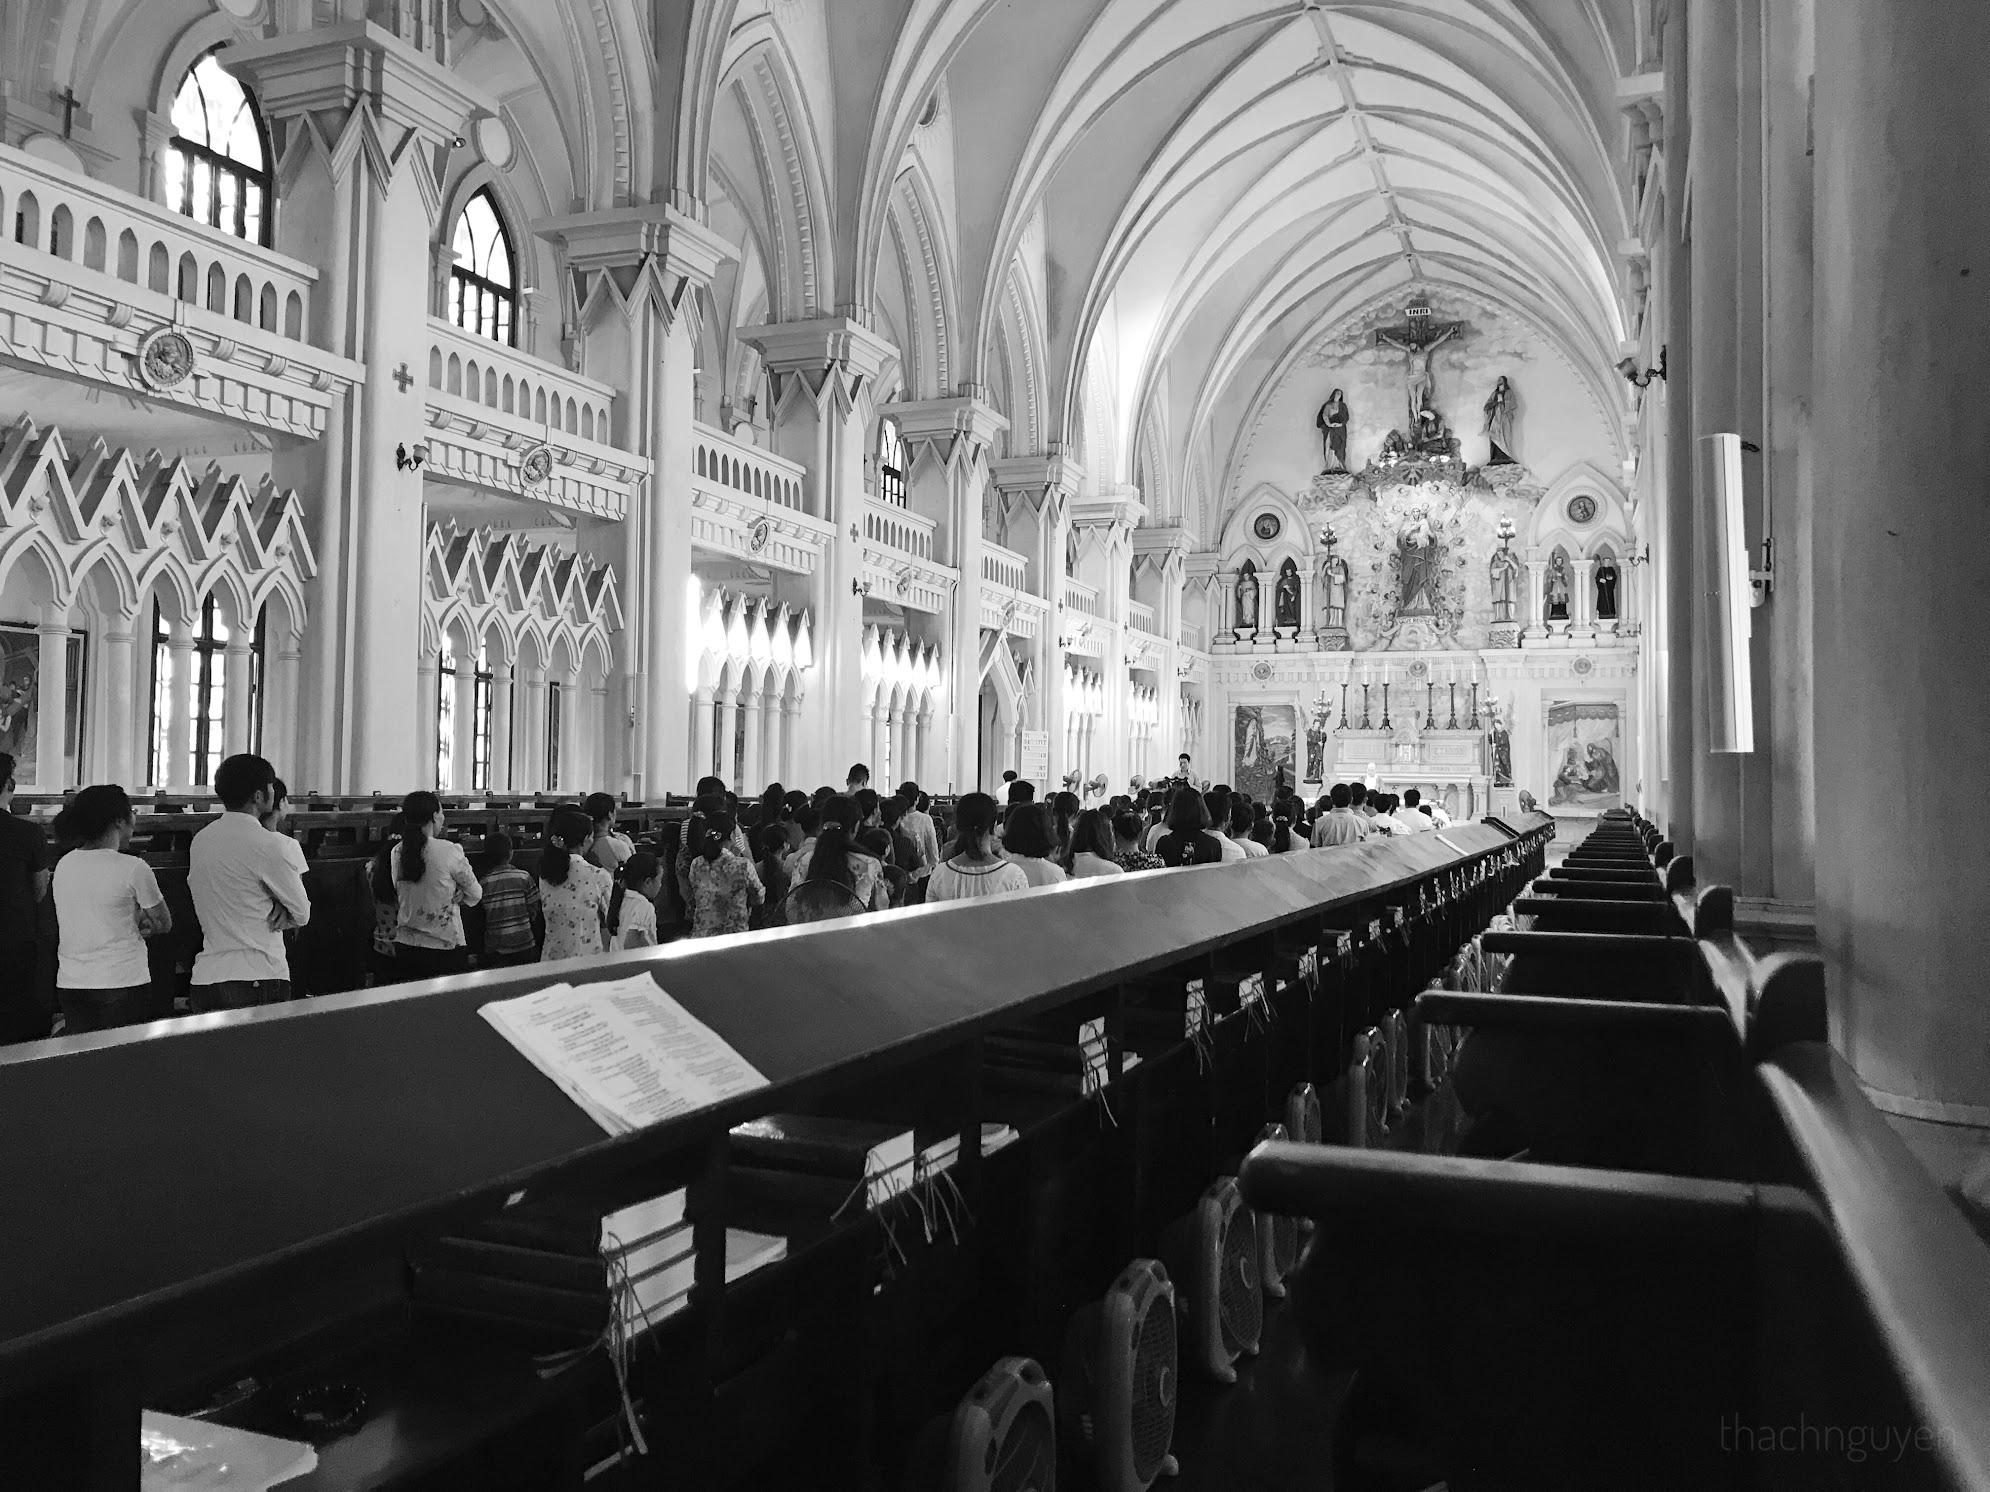 nơi cầu nguyện của các tu sỹ